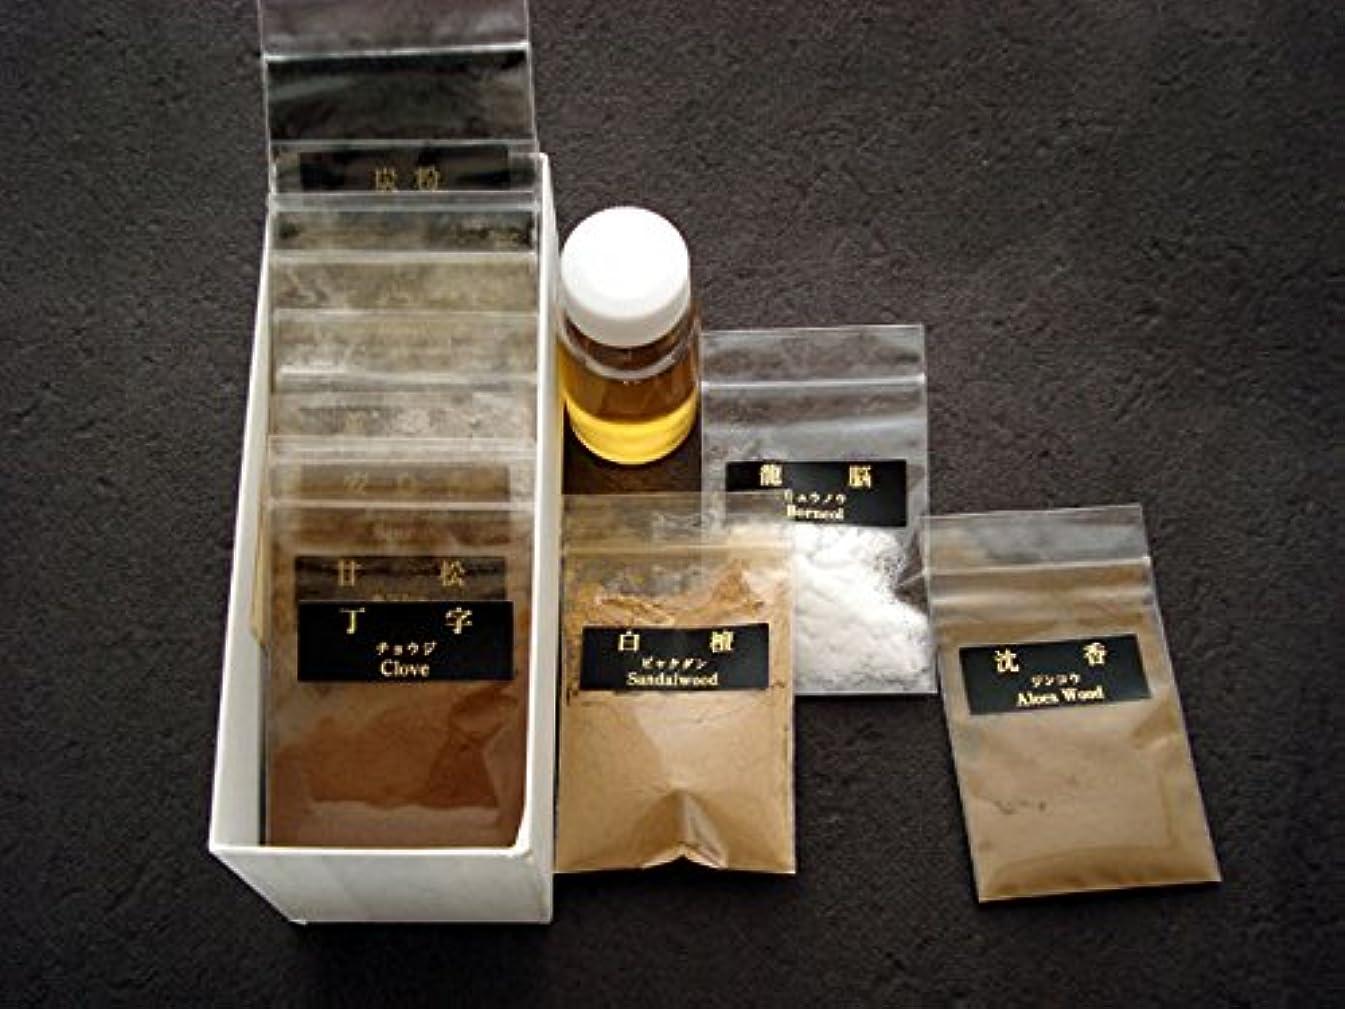 繊維過剰操るオリジナルの香り 香り遊び 薫物(煉香) 香原料揃え 【練香】